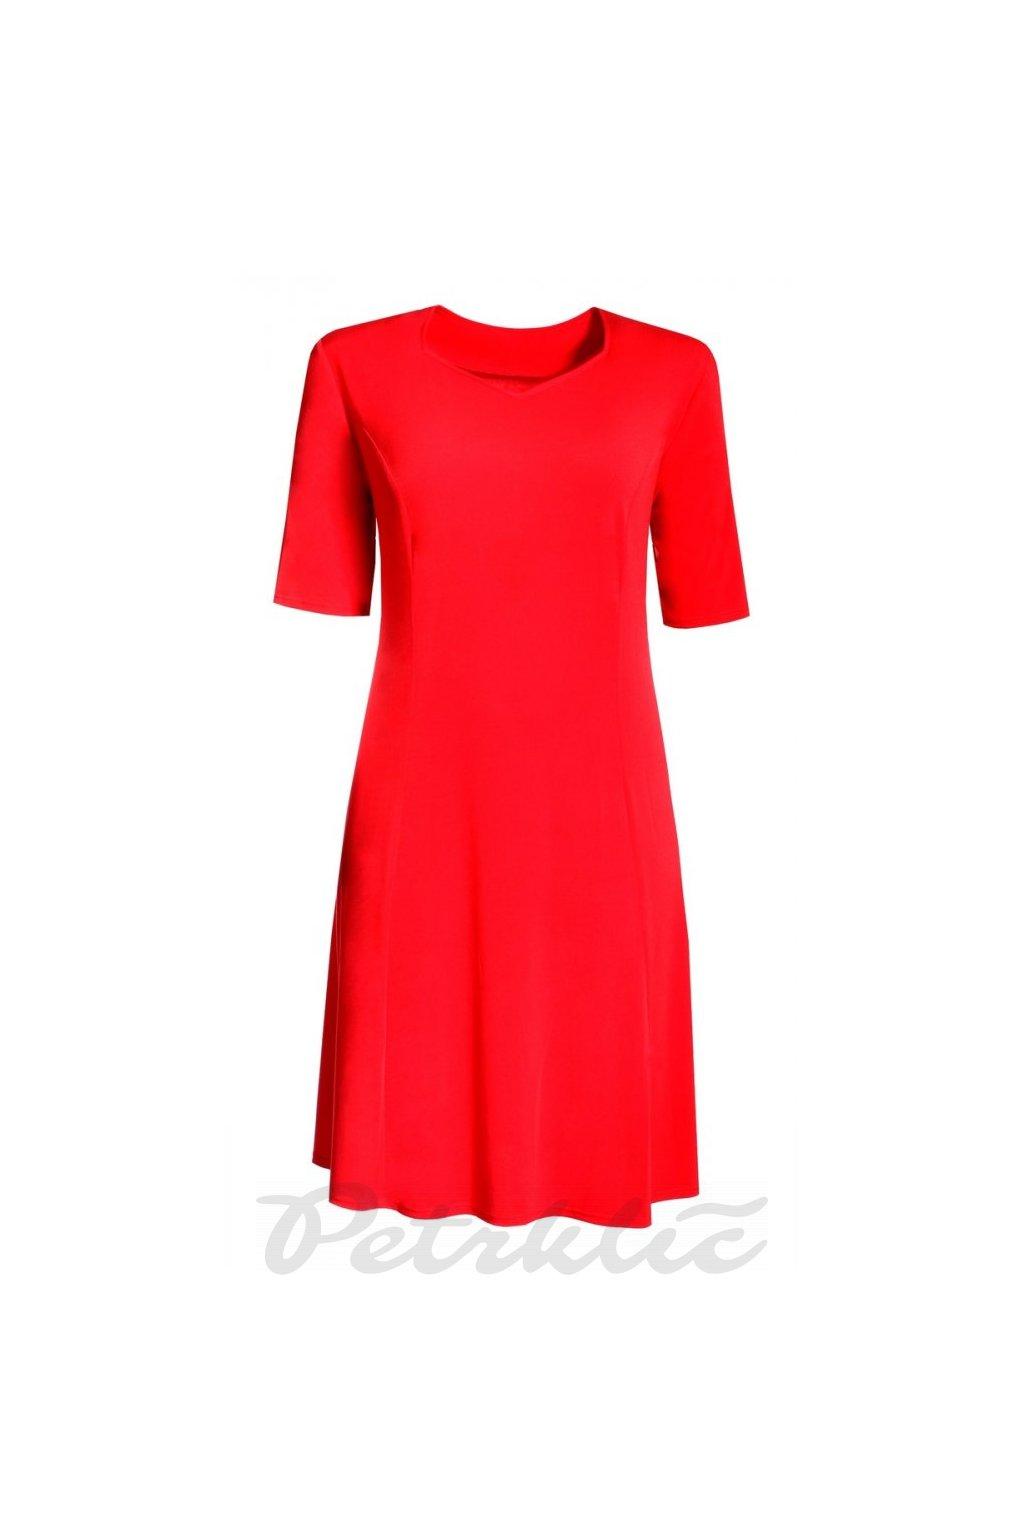 LIBUŠ šaty krátký rukáv 130 cm